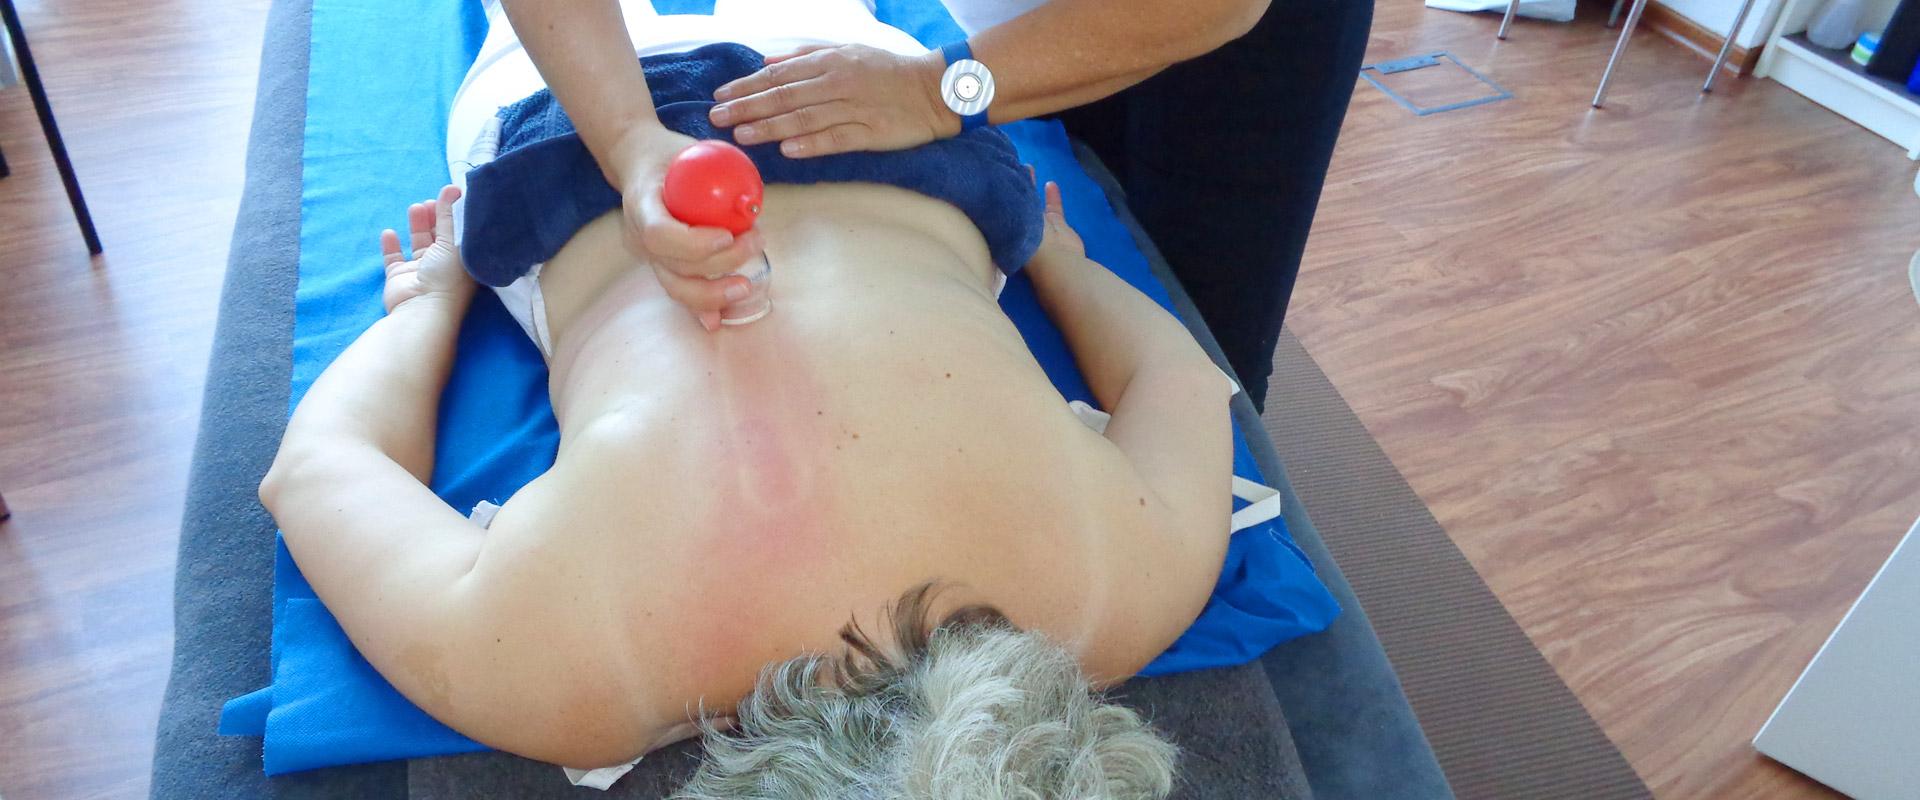 Massage und Wellness: Schröpfen 90491 Nürnberg